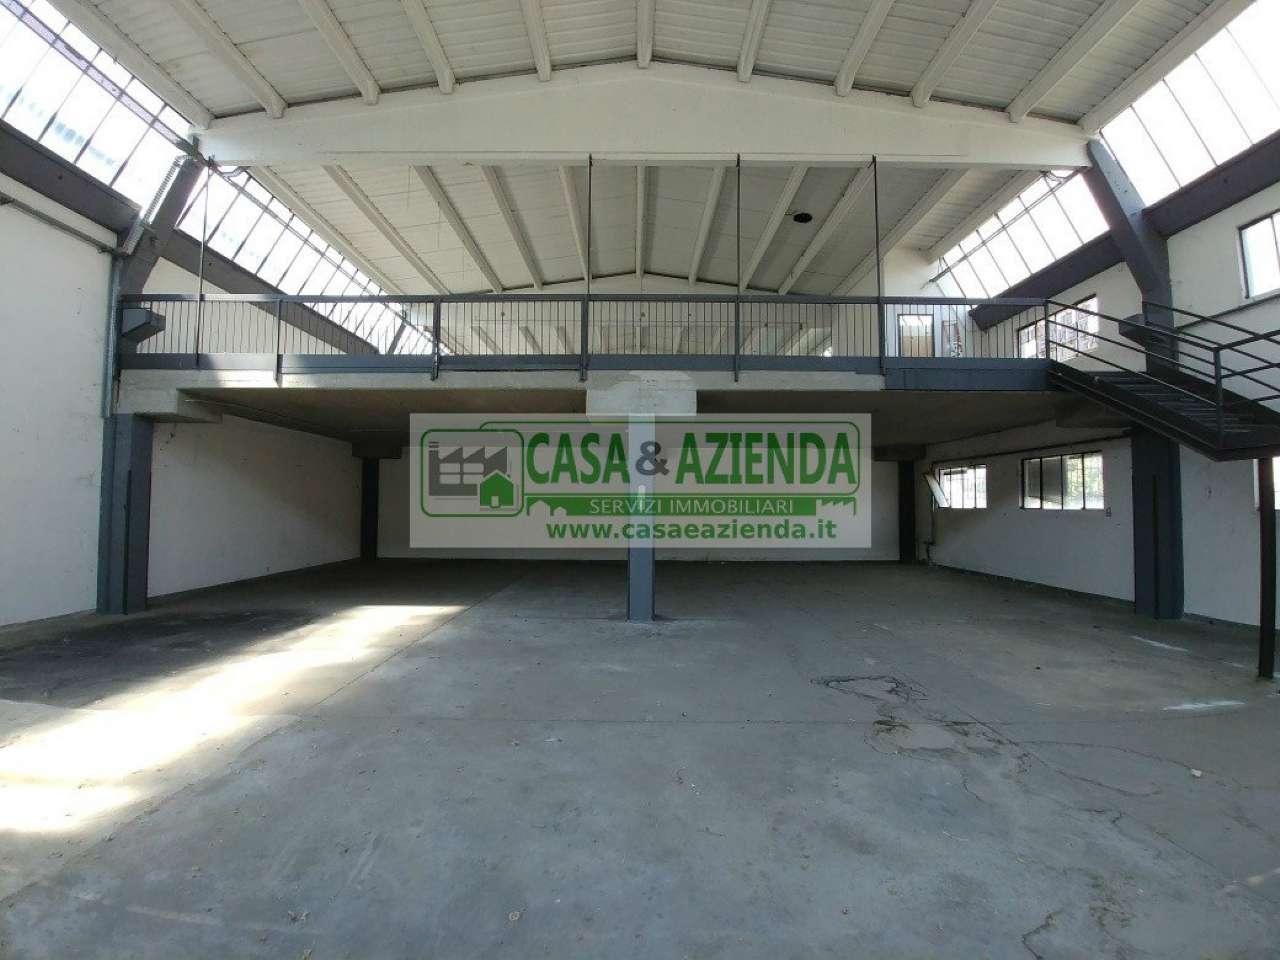 Capannone in vendita a Gessate, 9999 locali, prezzo € 195.000 | CambioCasa.it